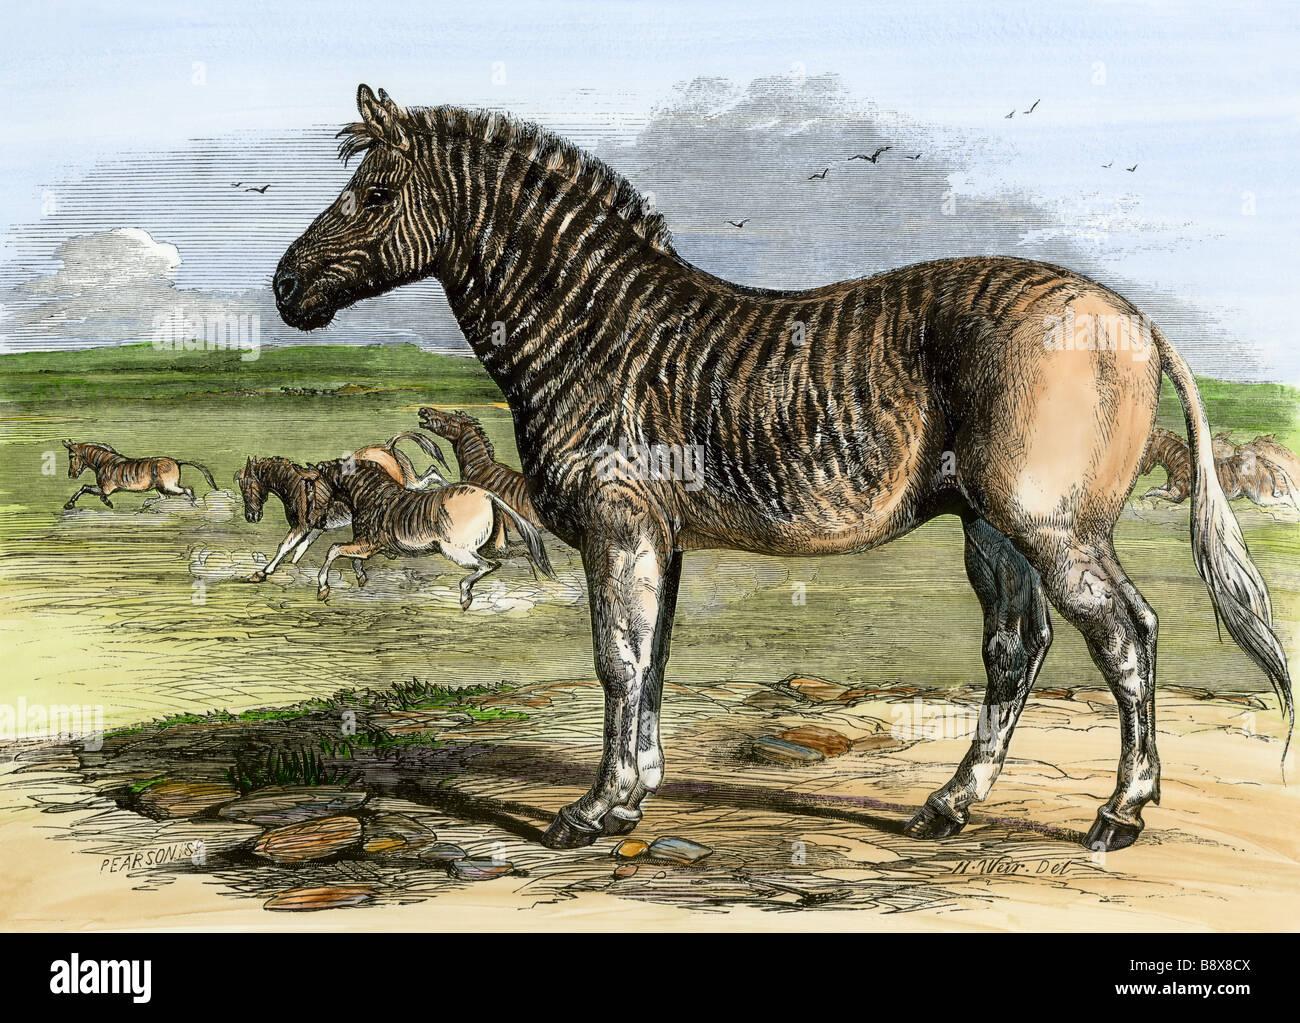 Südafrikanische Quagga, jetzt ausgestorben, in der London Zoo, 1850. Hand - farbige Holzschnitt Stockbild